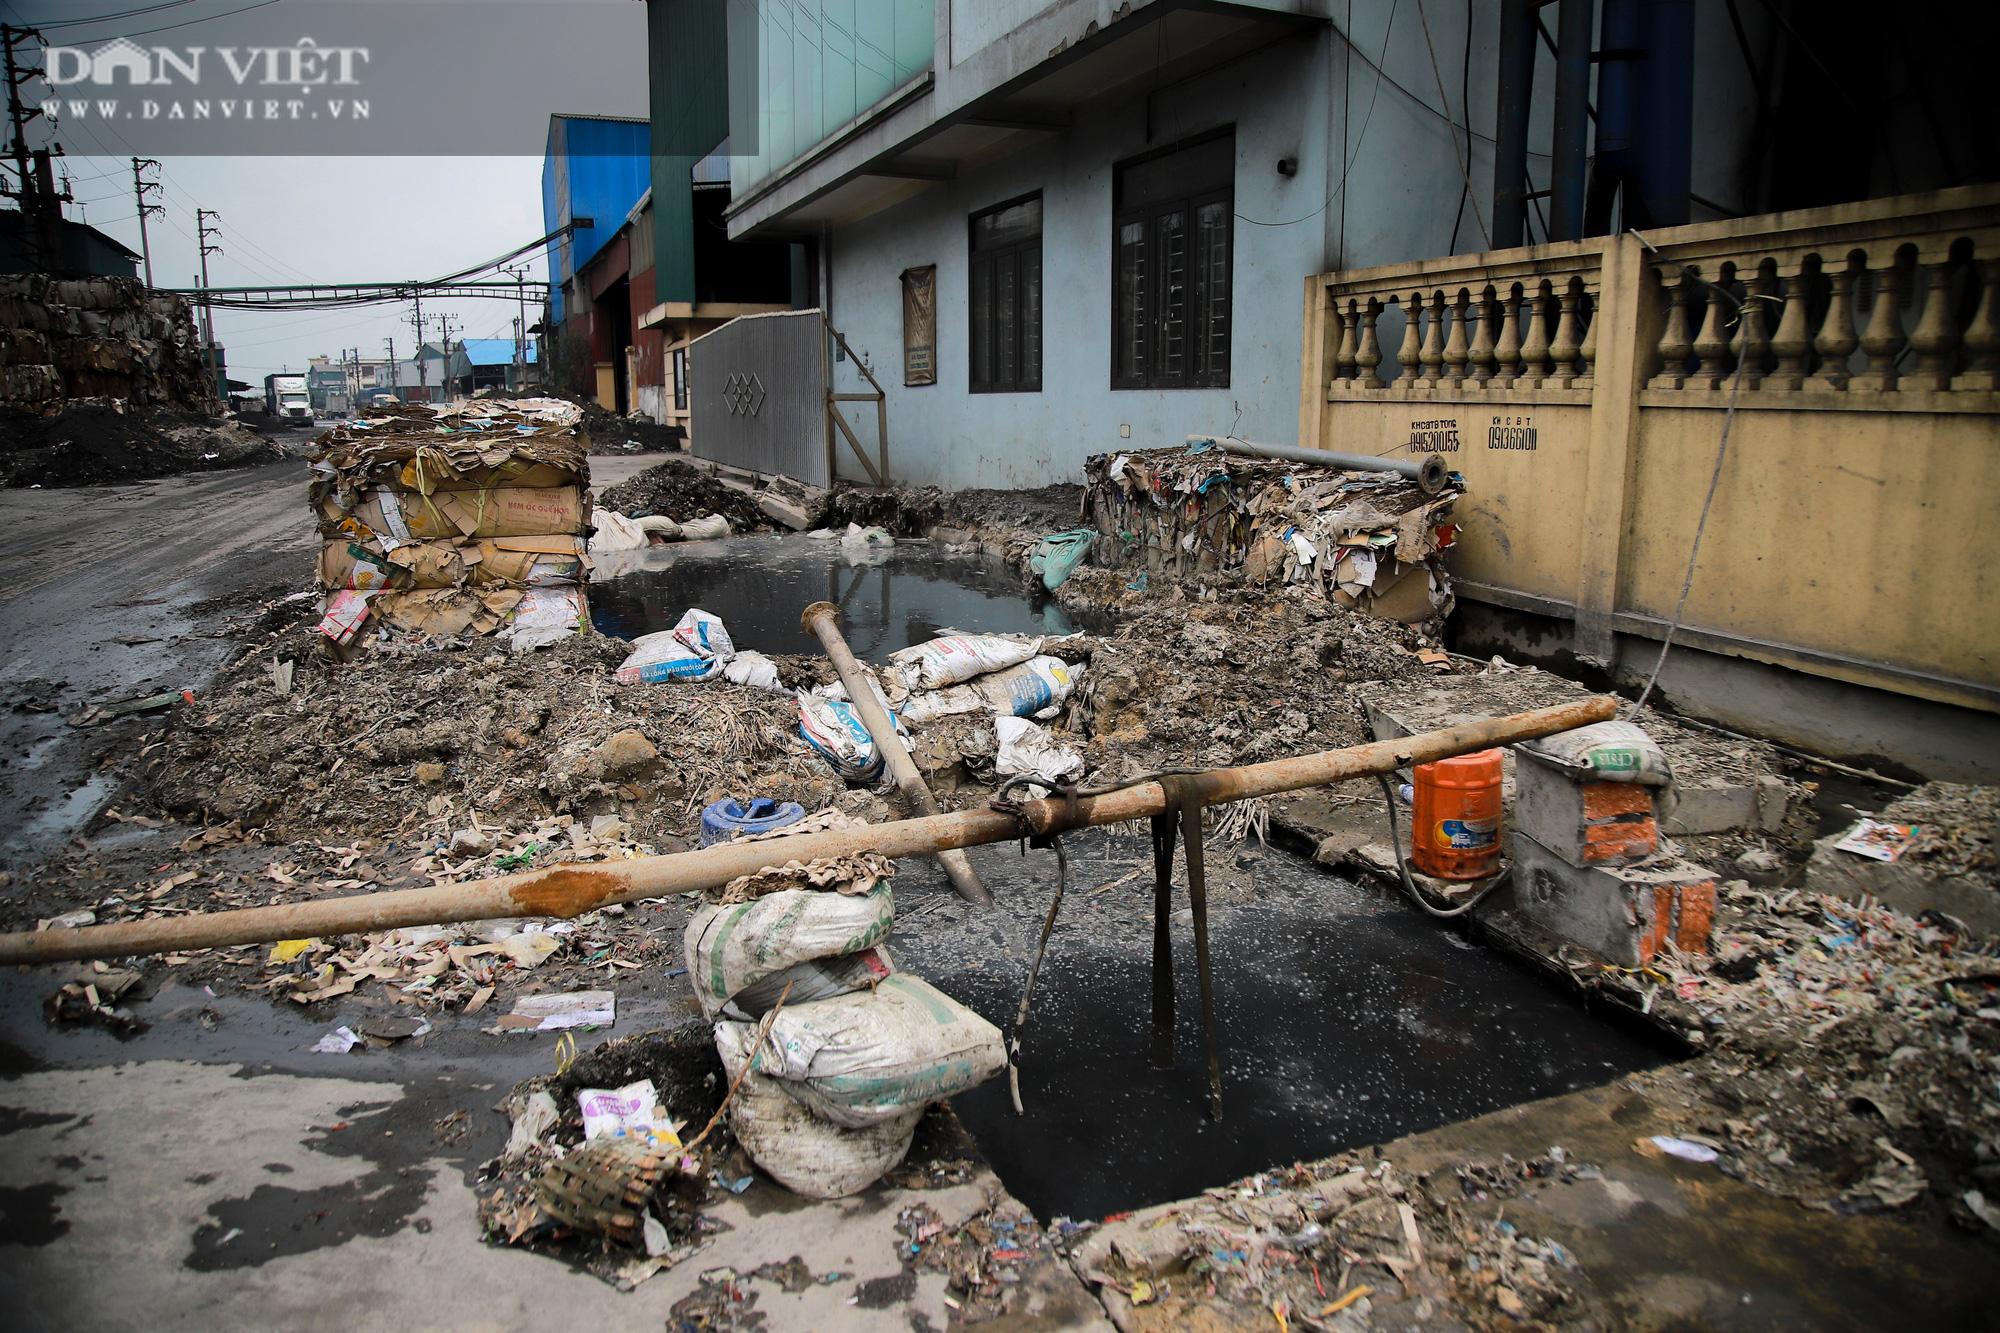 Ám ảnh khủng khiếp ở làng giấy Phú Lâm: Ô nhiễm đến con ruồi cũng không sống nổi, công nhân bán mòn sức - Ảnh 21.